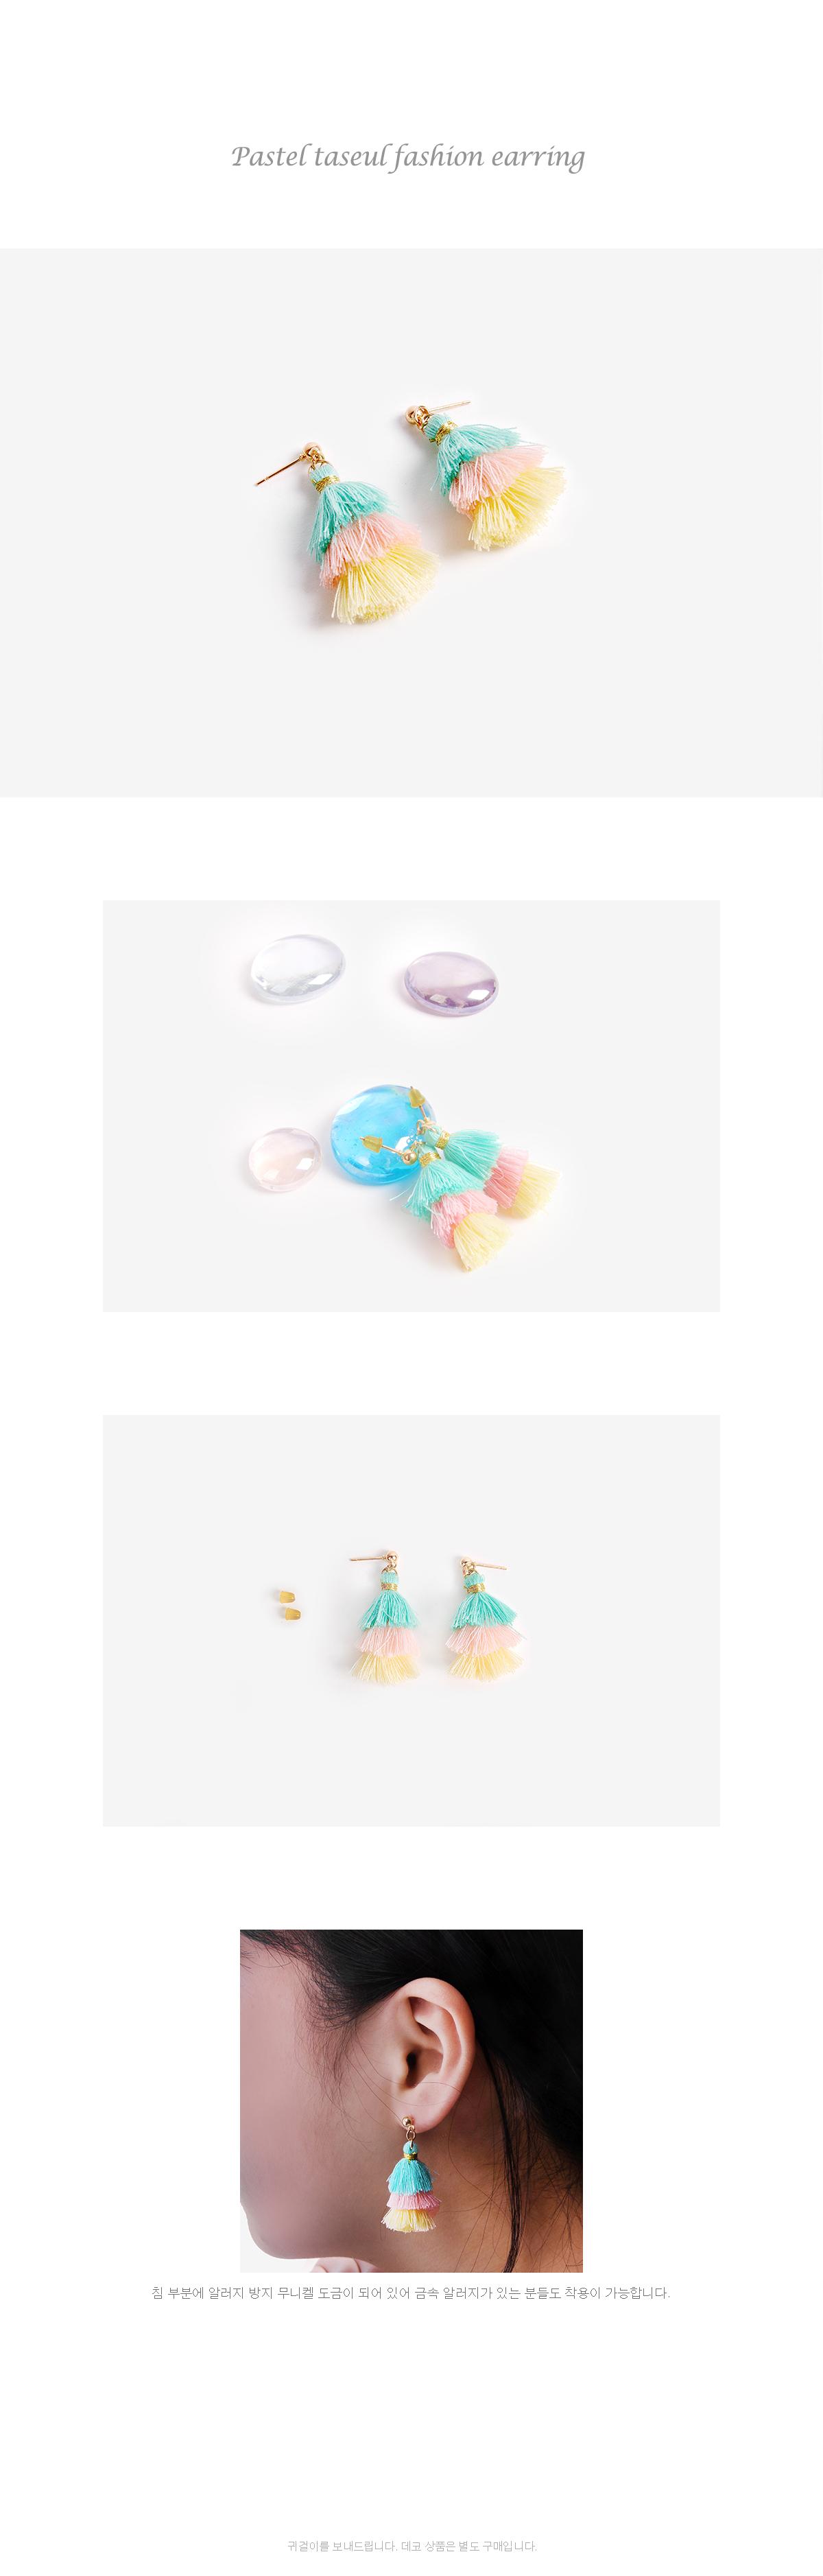 파스텔 태슬 패션 귀걸이 - 인디고샵, 3,500원, 골드, 드롭귀걸이